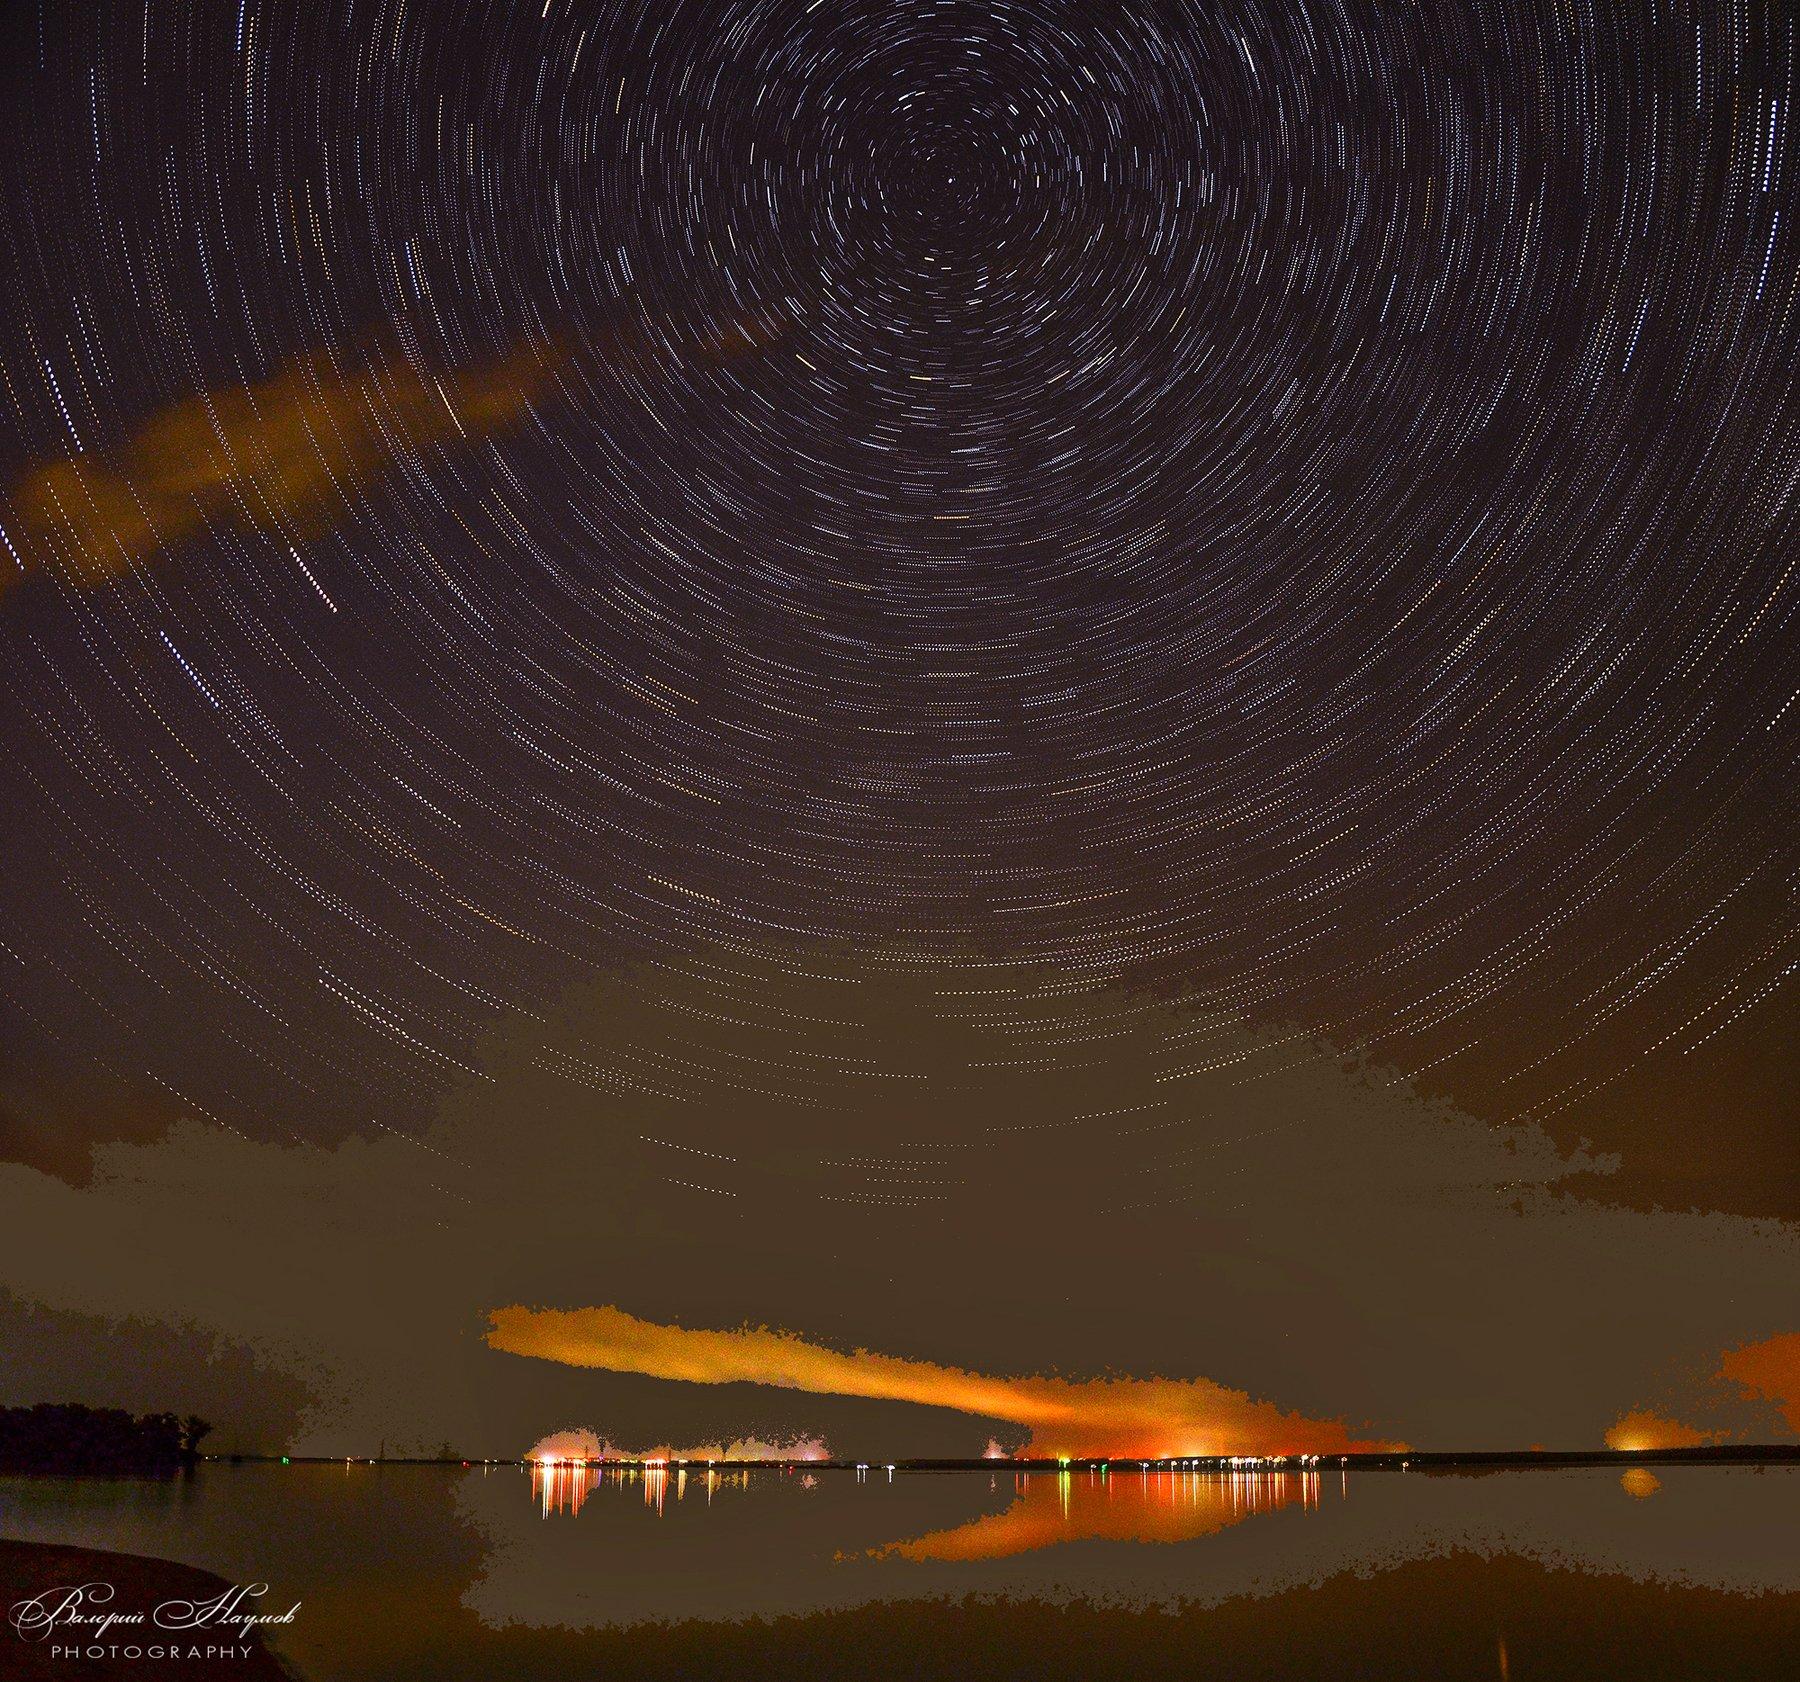 август, ночь, звёзды, вращение земли, Валерий Наумов